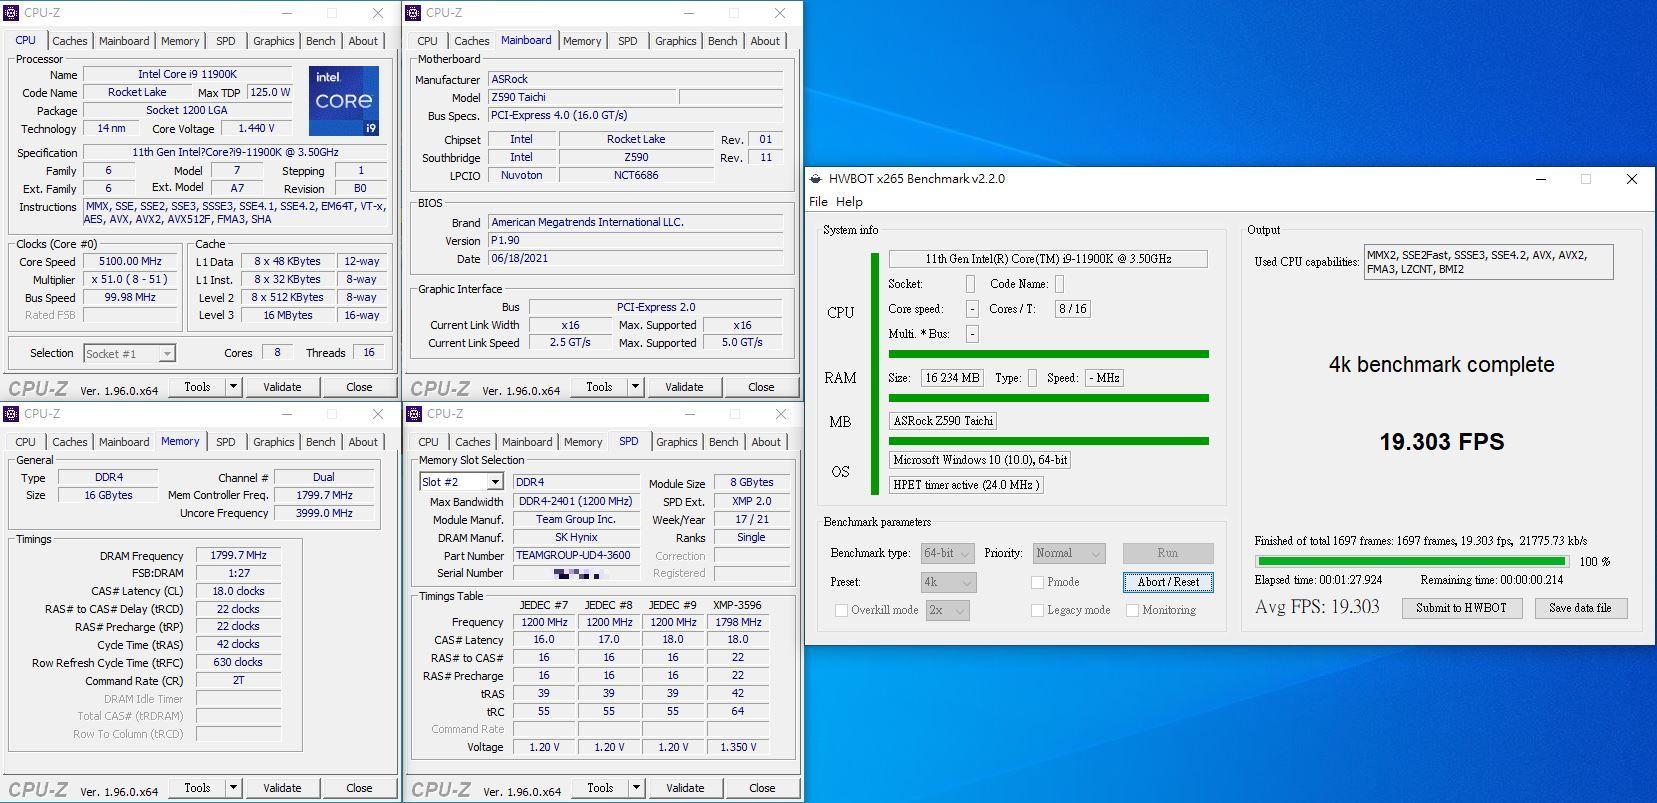 十銓T-FORCE XTREEM ARGB DDR4-3600 White Edition超頻記憶體-超美雪...9405